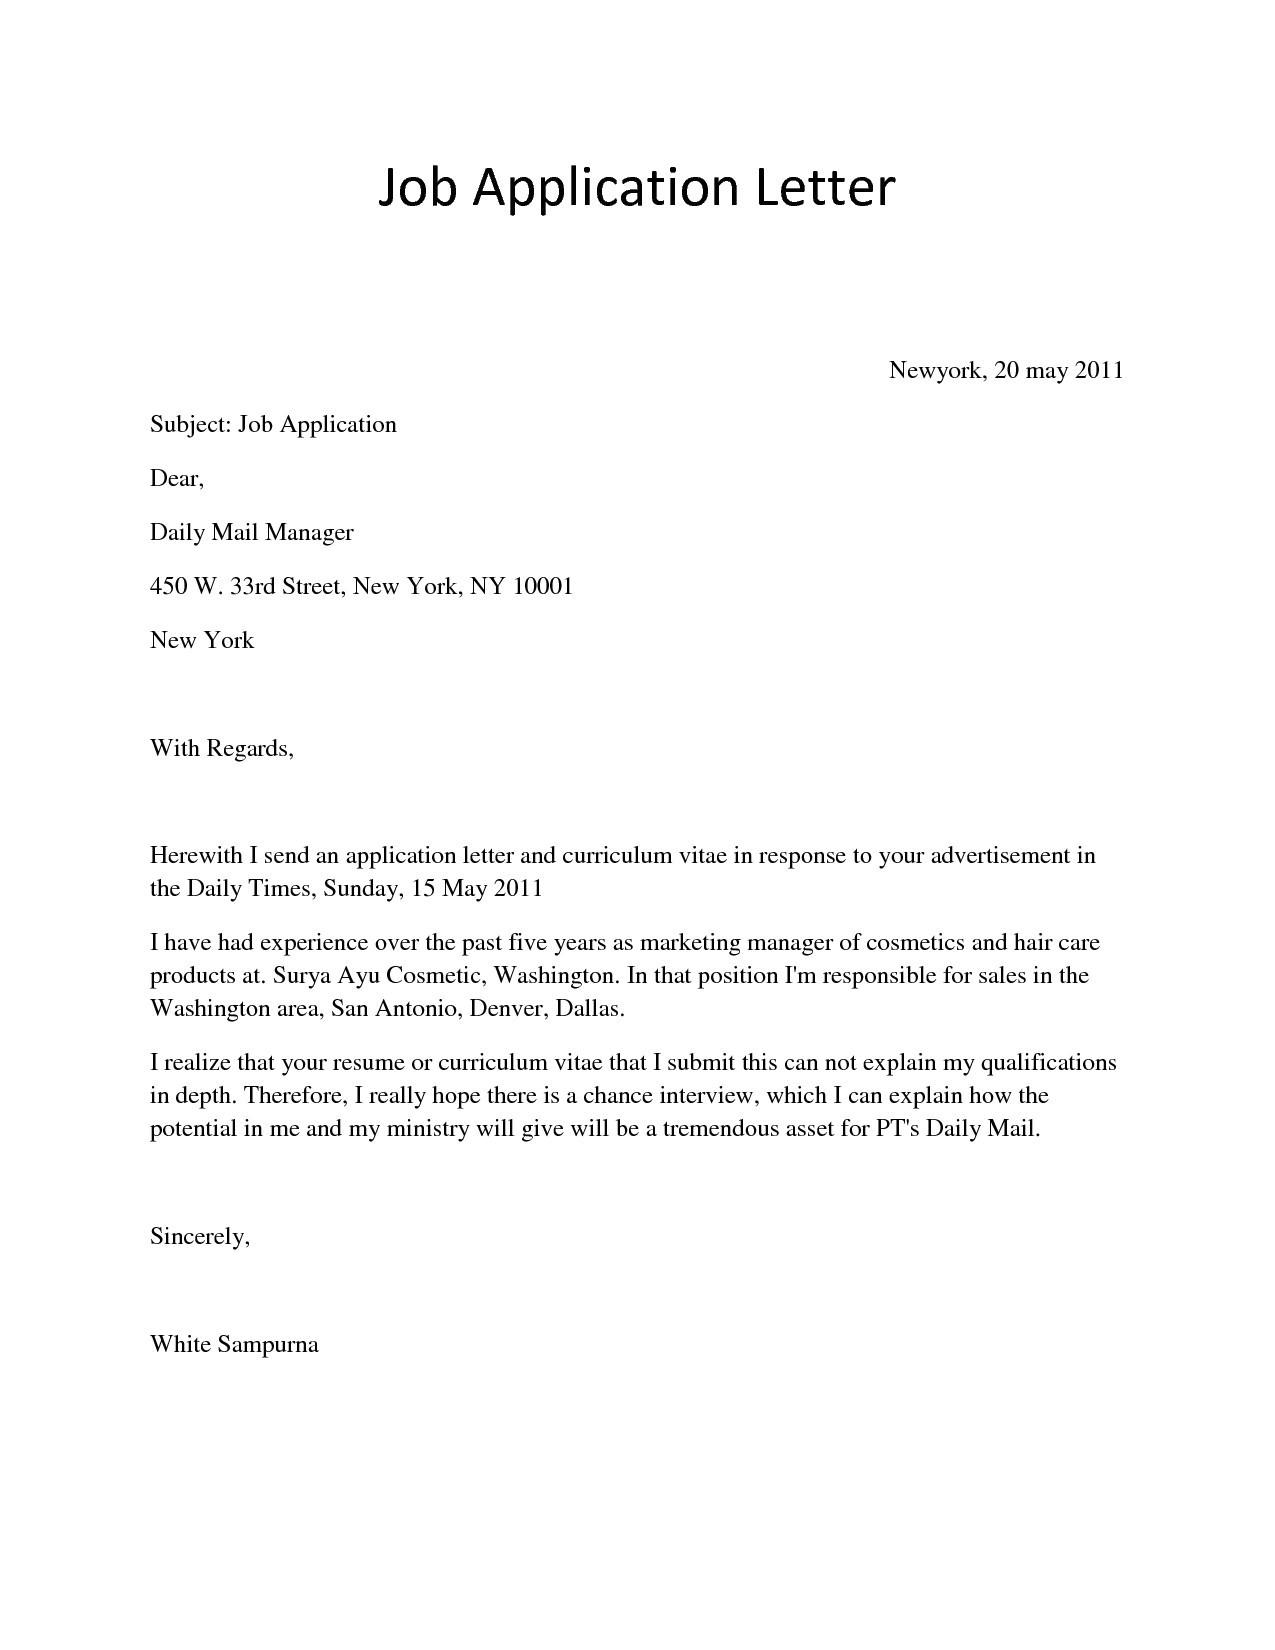 cover letter job application model best letter interest template job application fresh job application 2